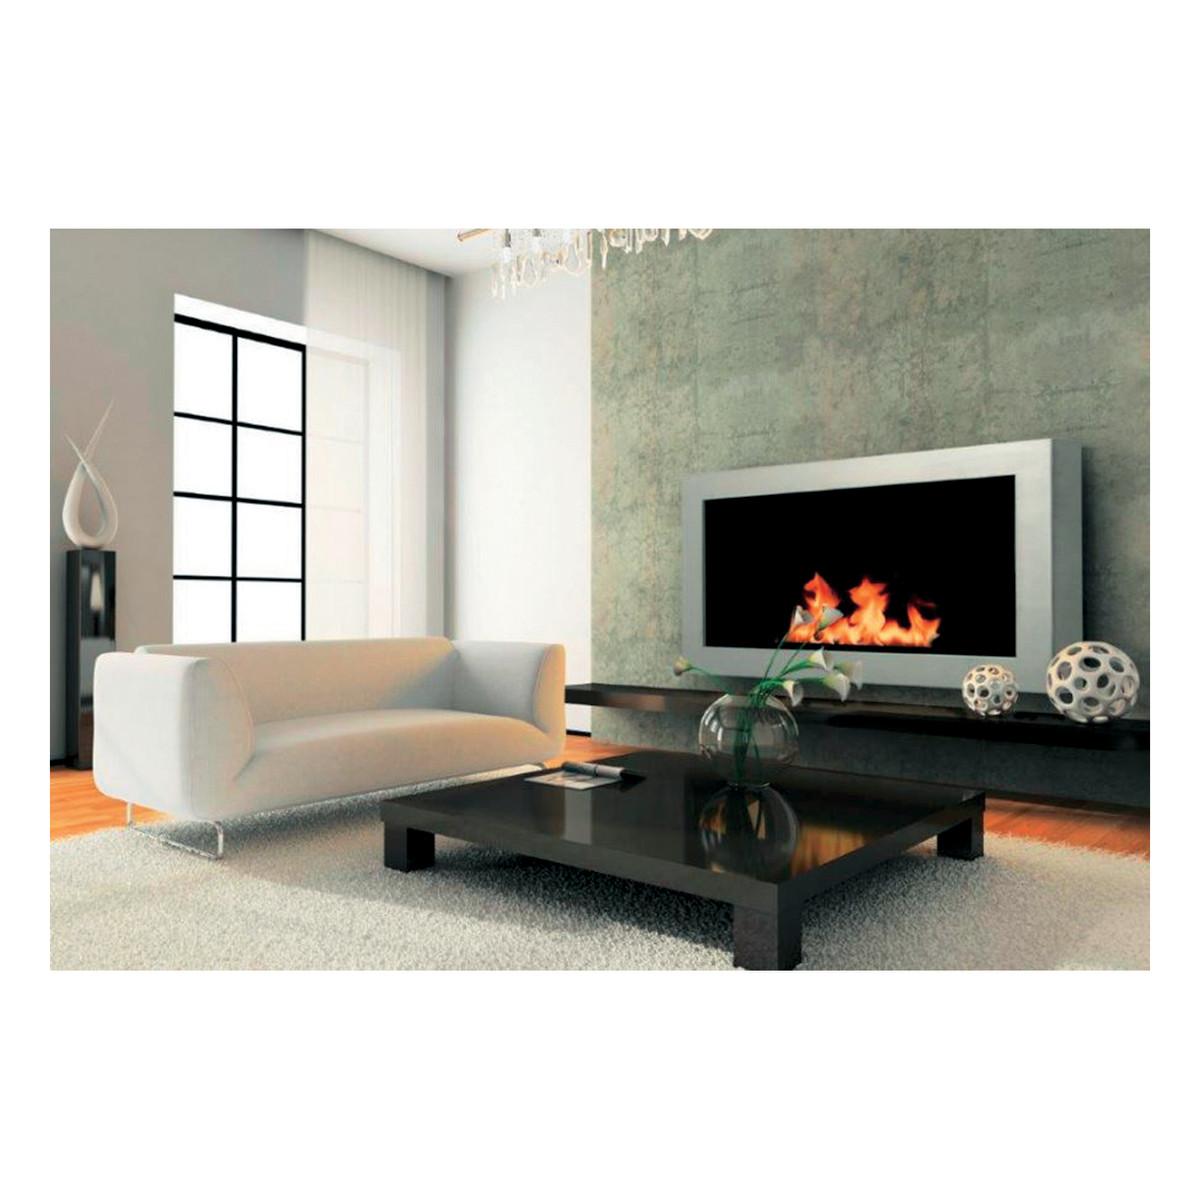 caminetto bioetanolo leroy merlin riscaldamento le grandi guide leroy merlin pdf inserto a. Black Bedroom Furniture Sets. Home Design Ideas